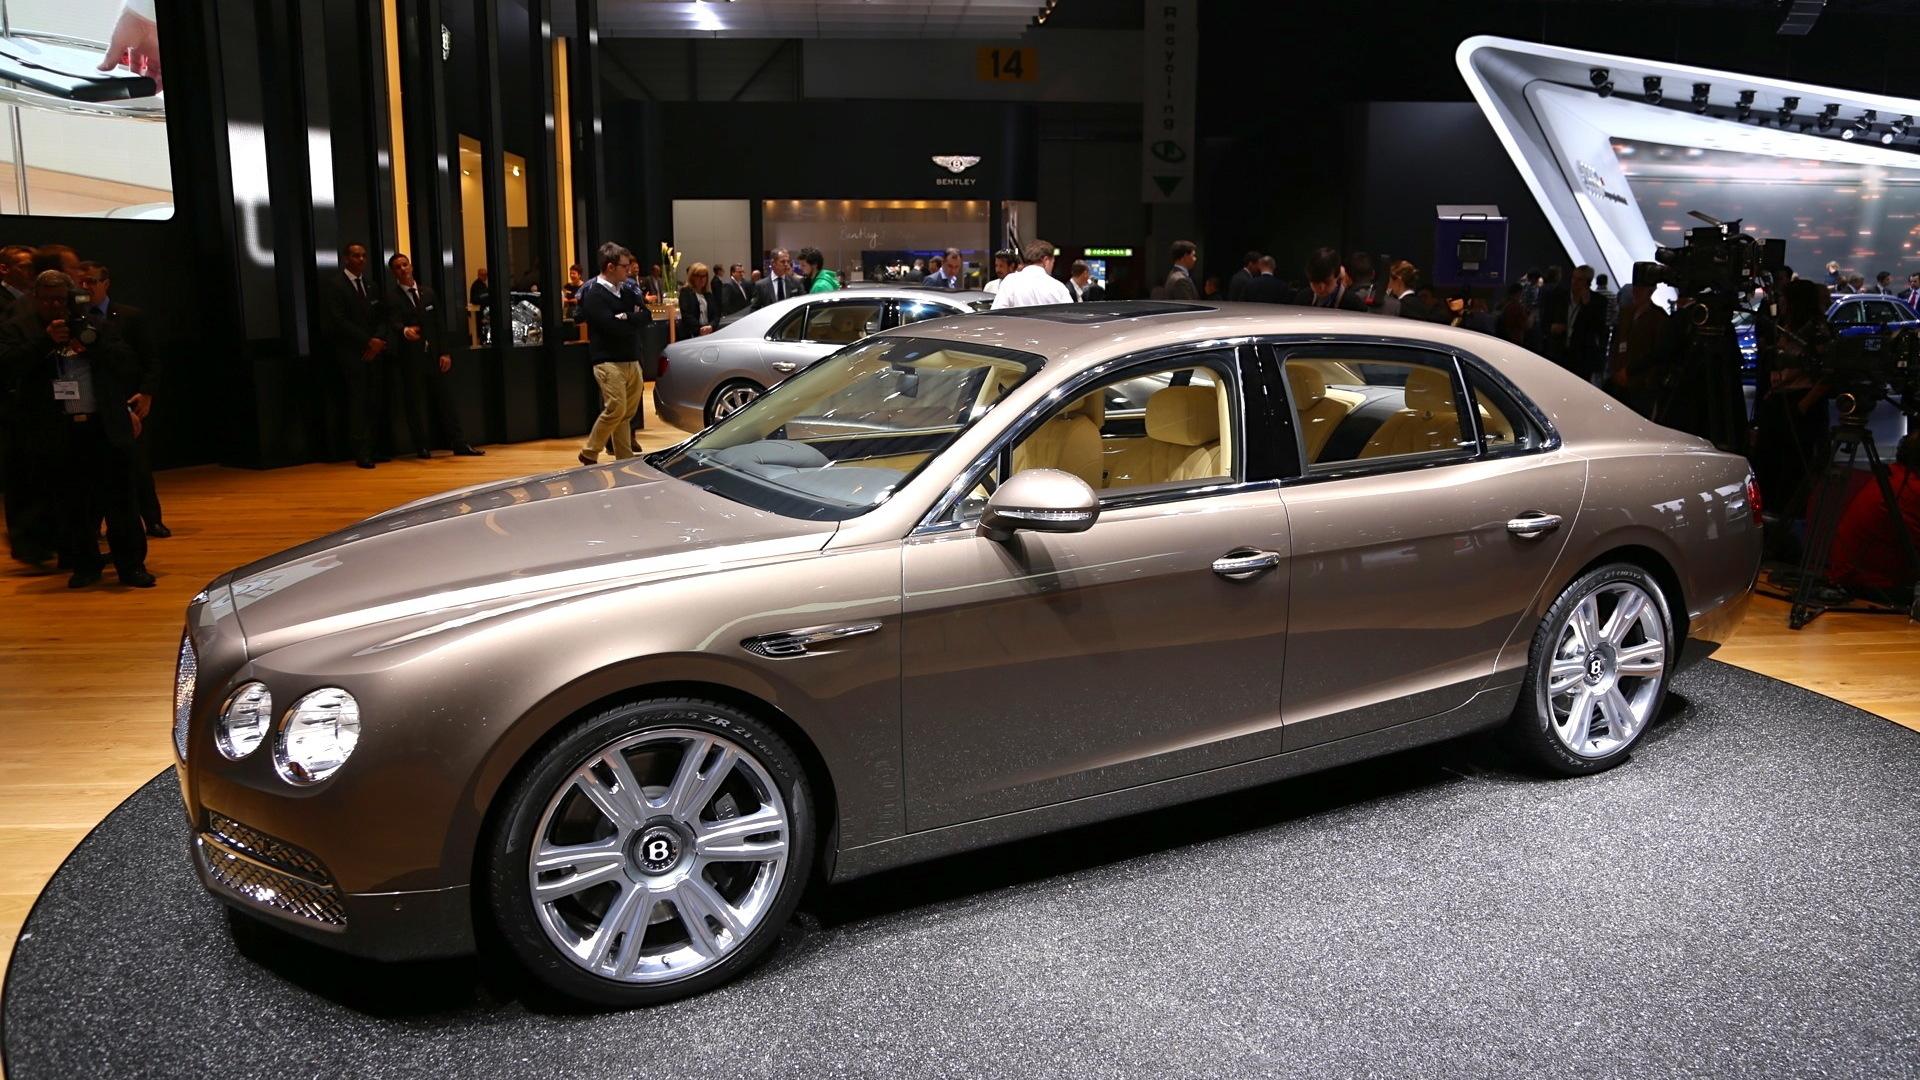 2014 Bentley Flying Spur, 2013 Geneva Motor Show